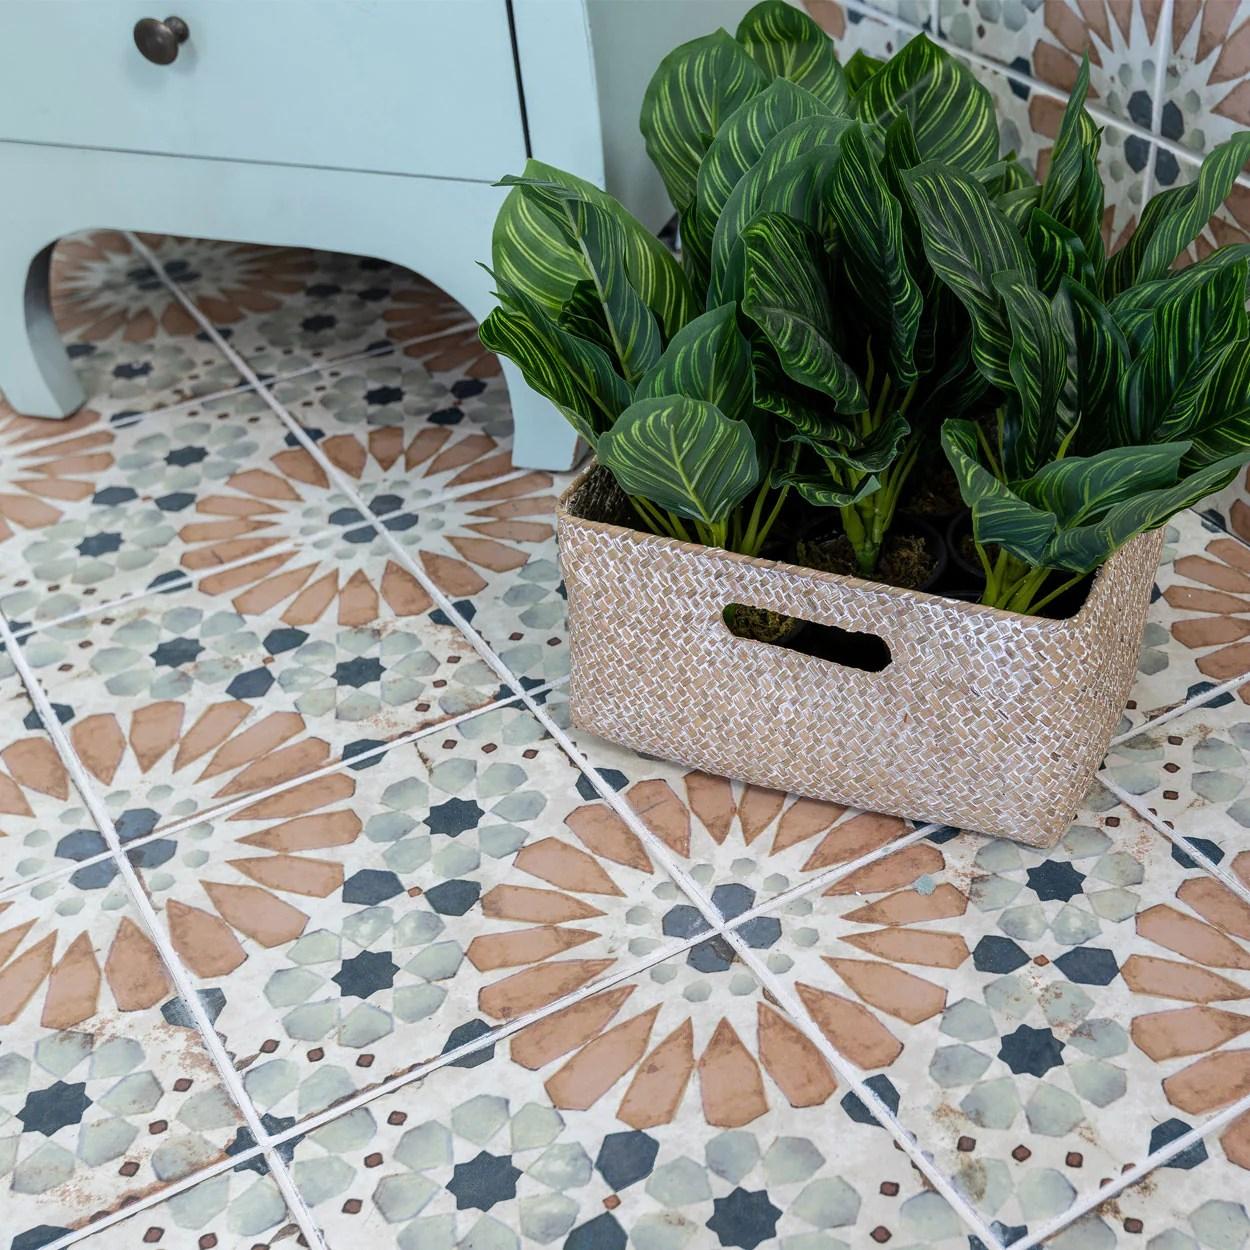 lungarno ceramics retrospectives 8 in x 8 in ceramic tile covent gardens